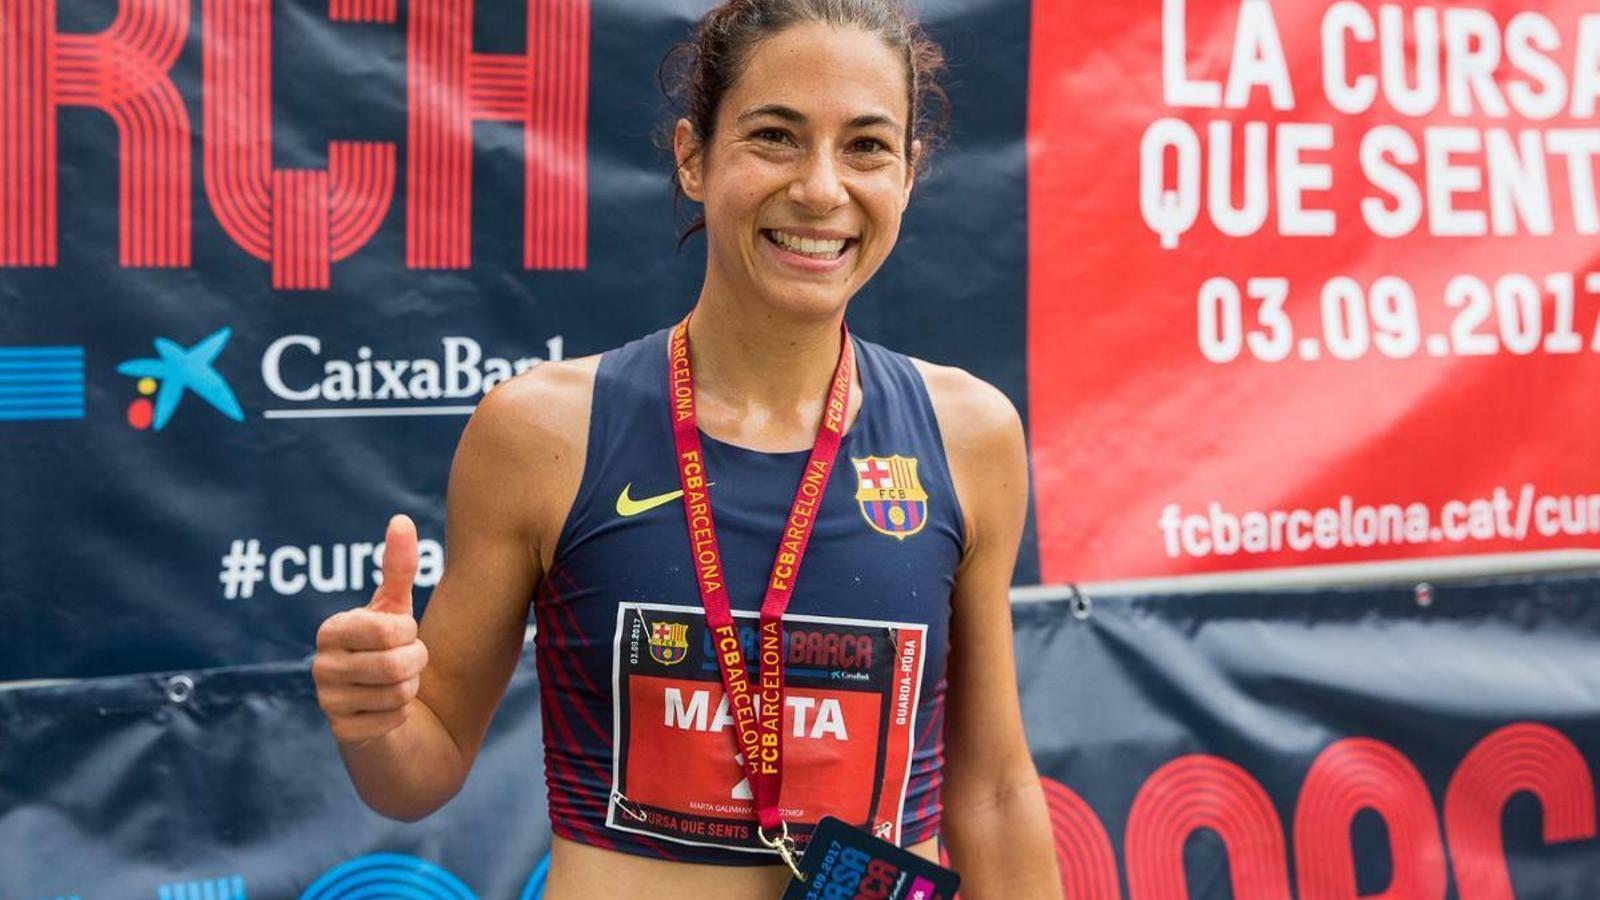 Marta Galimany va aconseguir la mínima olímpica per ser als Jocs